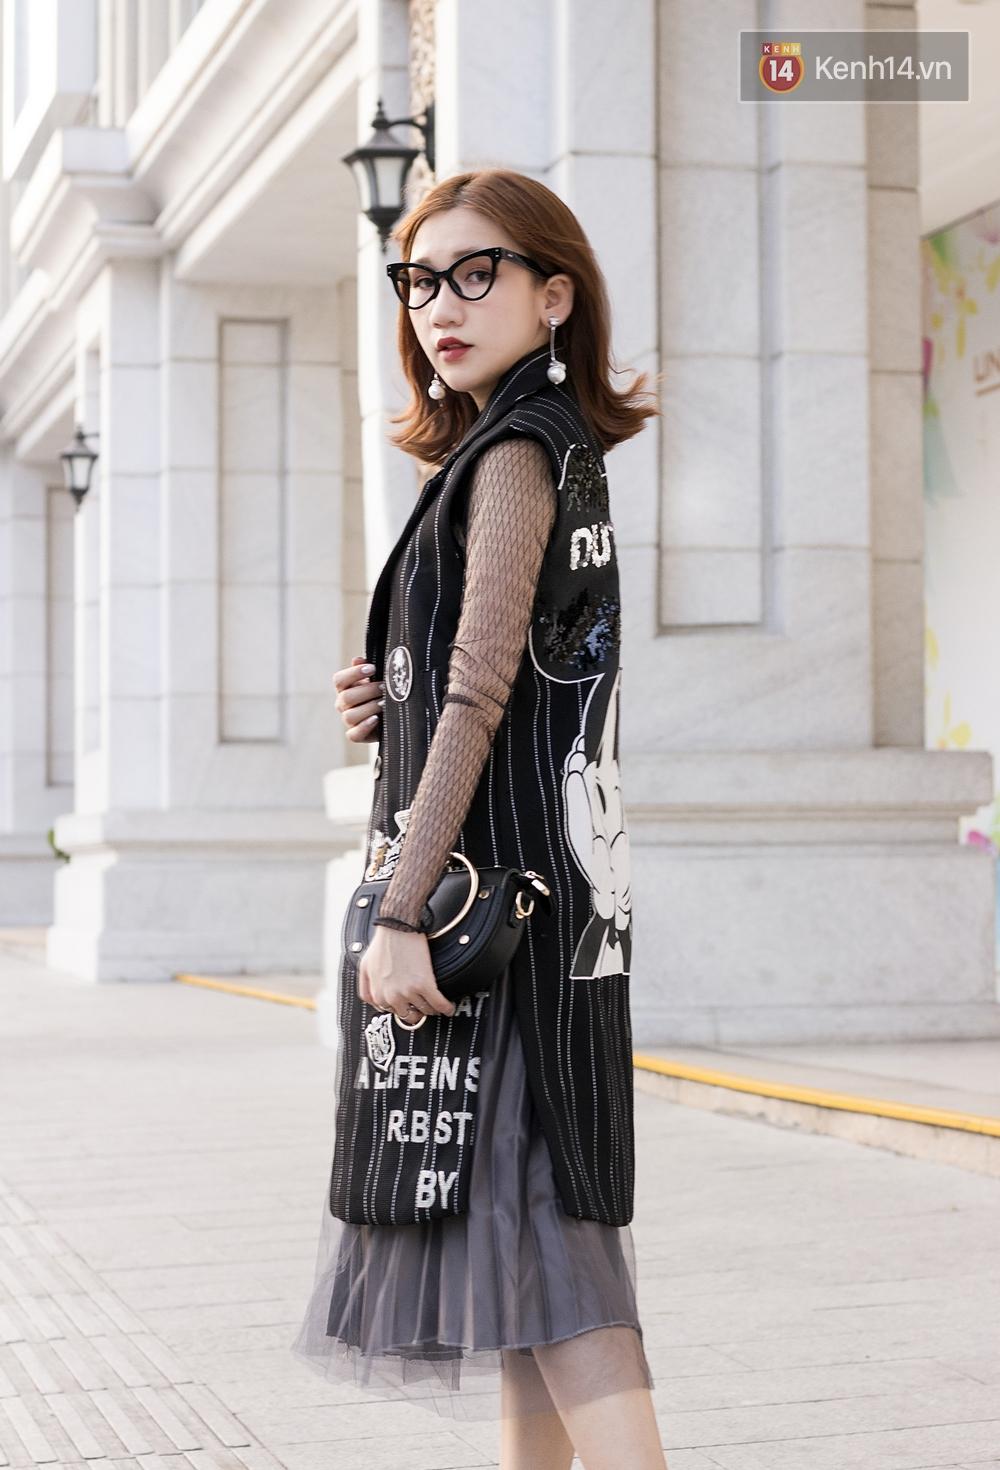 Street style giới trẻ Việt: Trendy đã cả mắt với toàn những item độc - Ảnh 10.